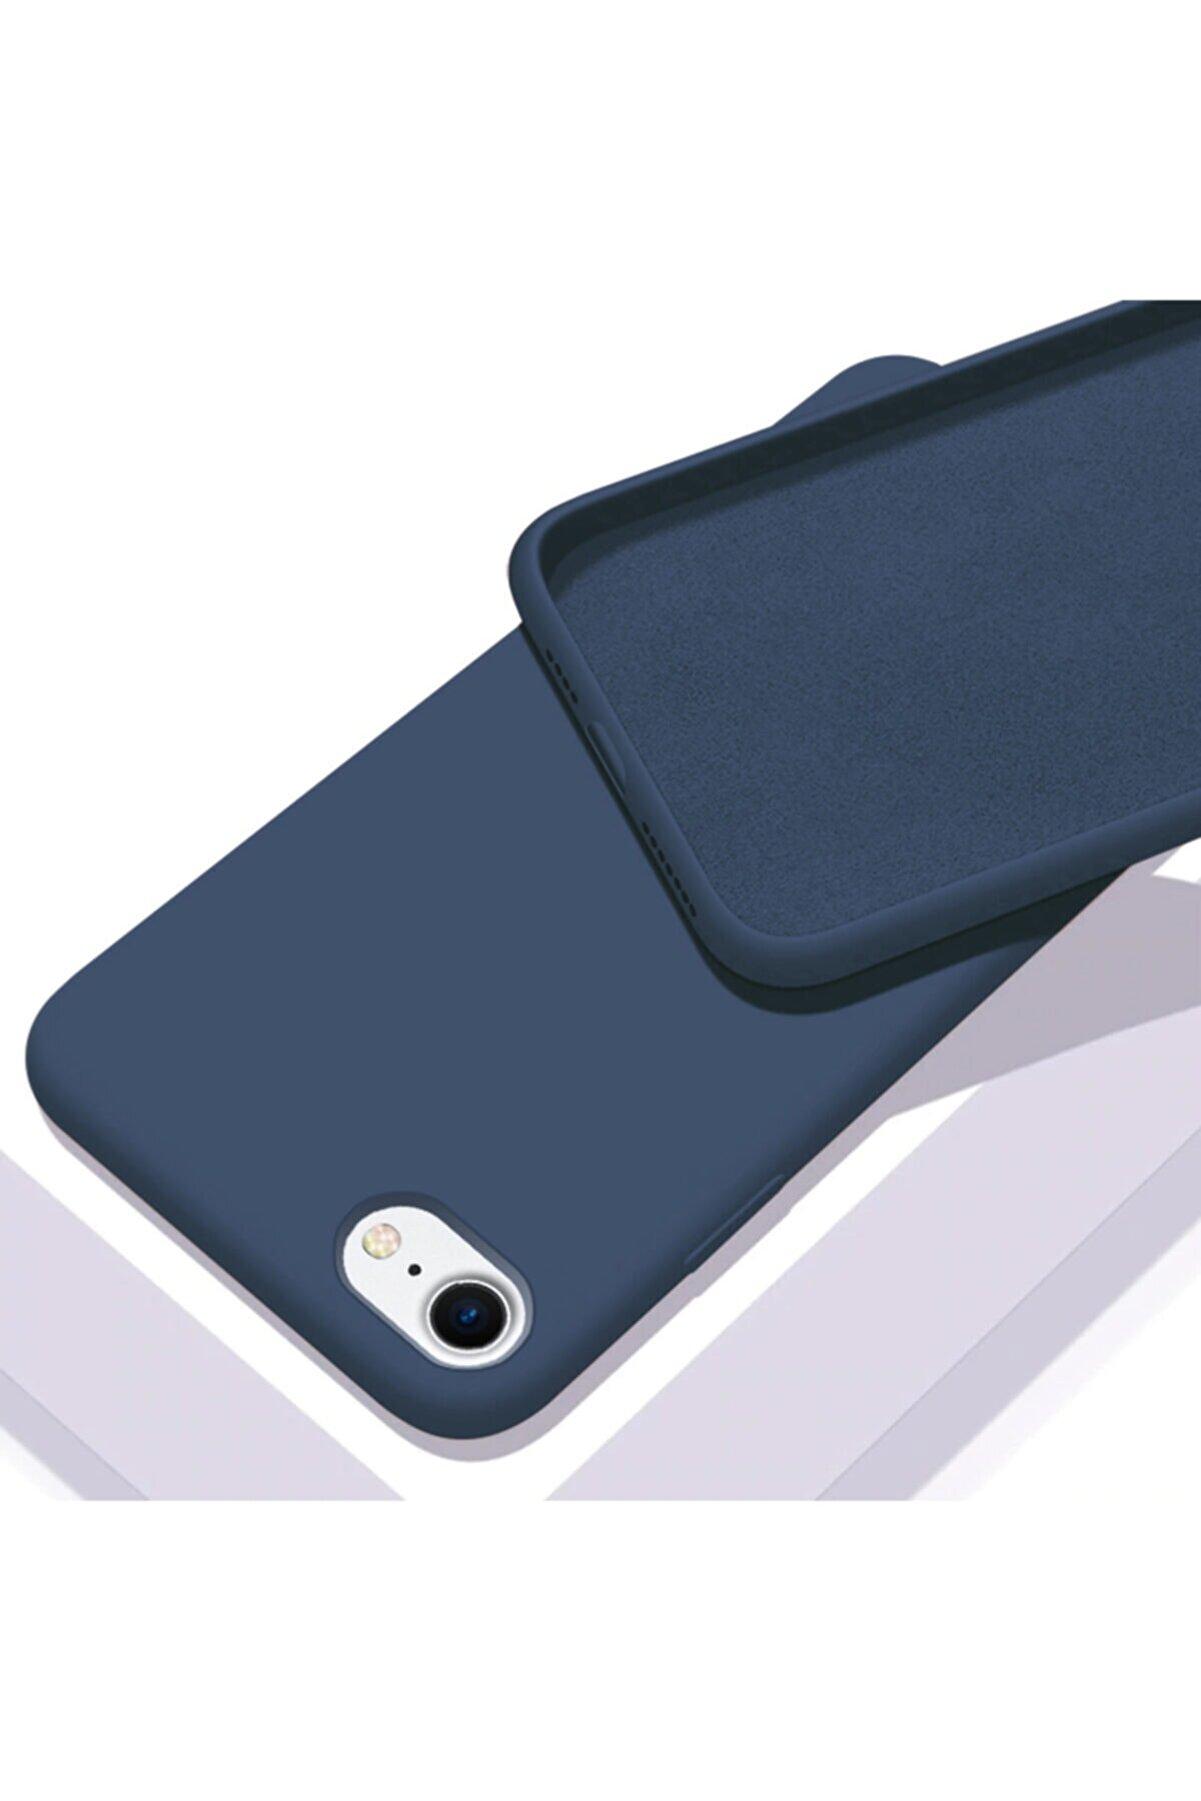 Zengin Çarşım Apple Iphone 6 - 6s Içi Kadife Lansman Silikon Kılıf Lacivert